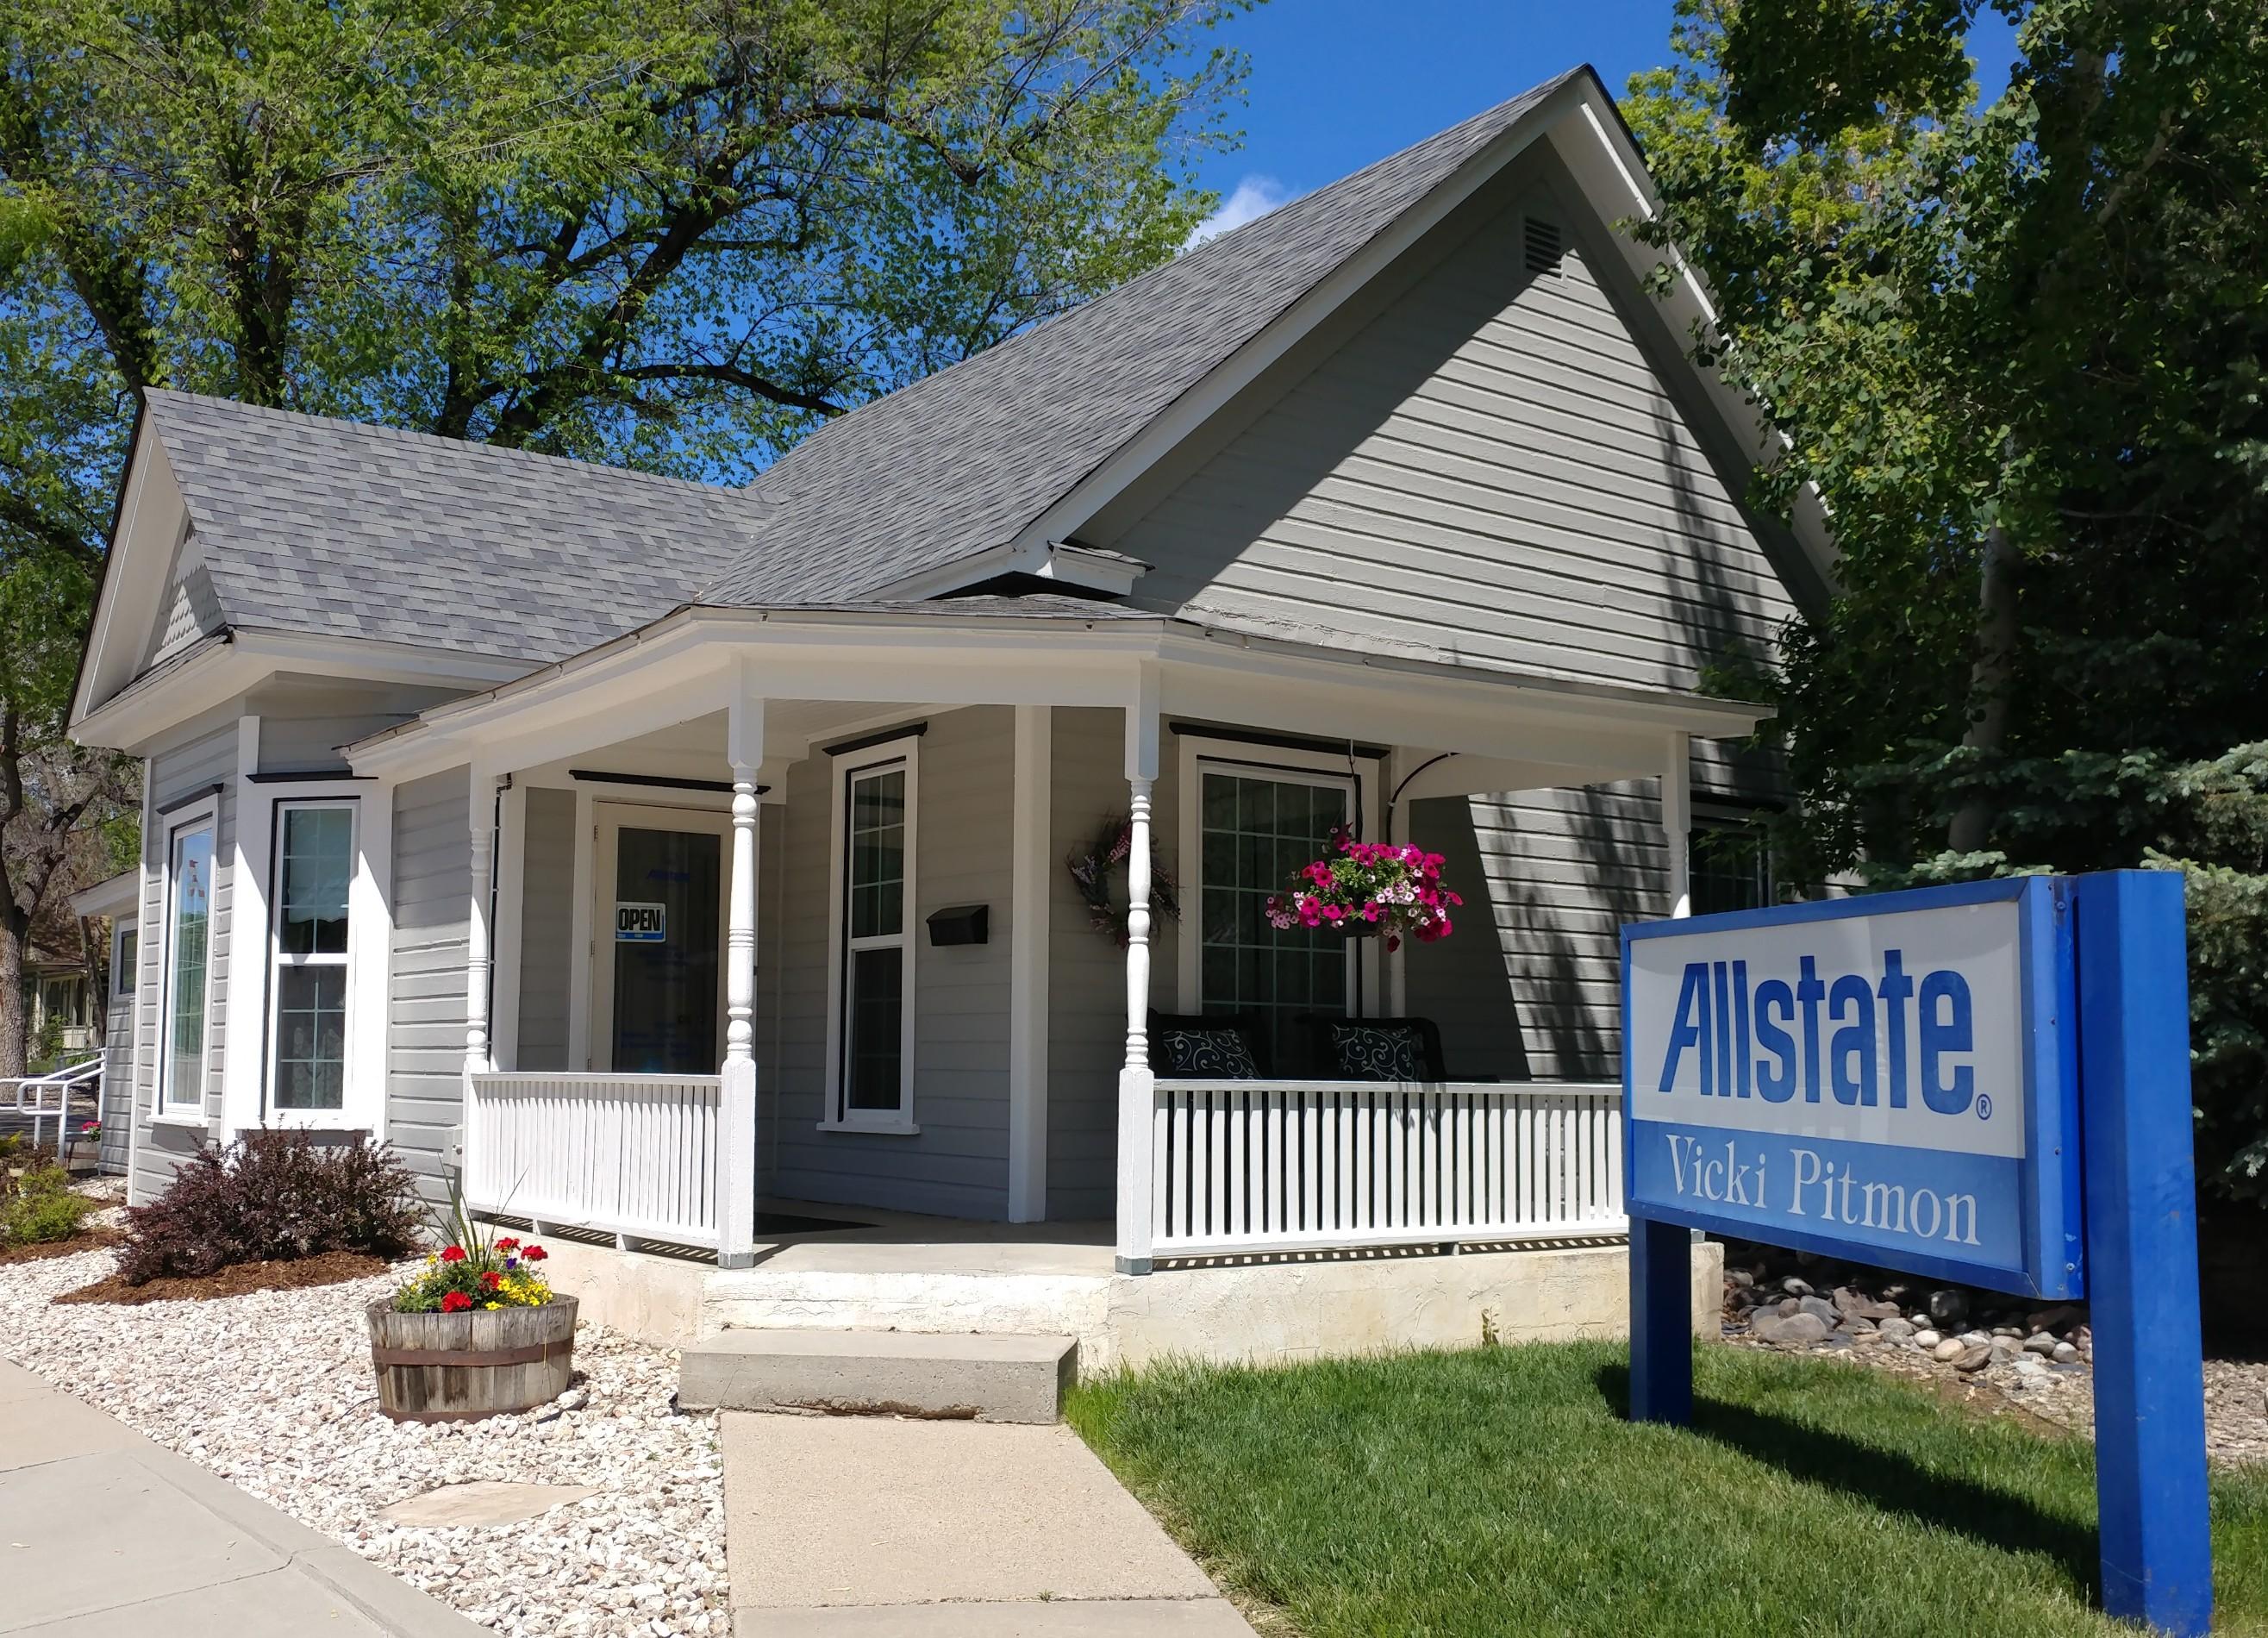 Vicki Pitmon: Allstate Insurance